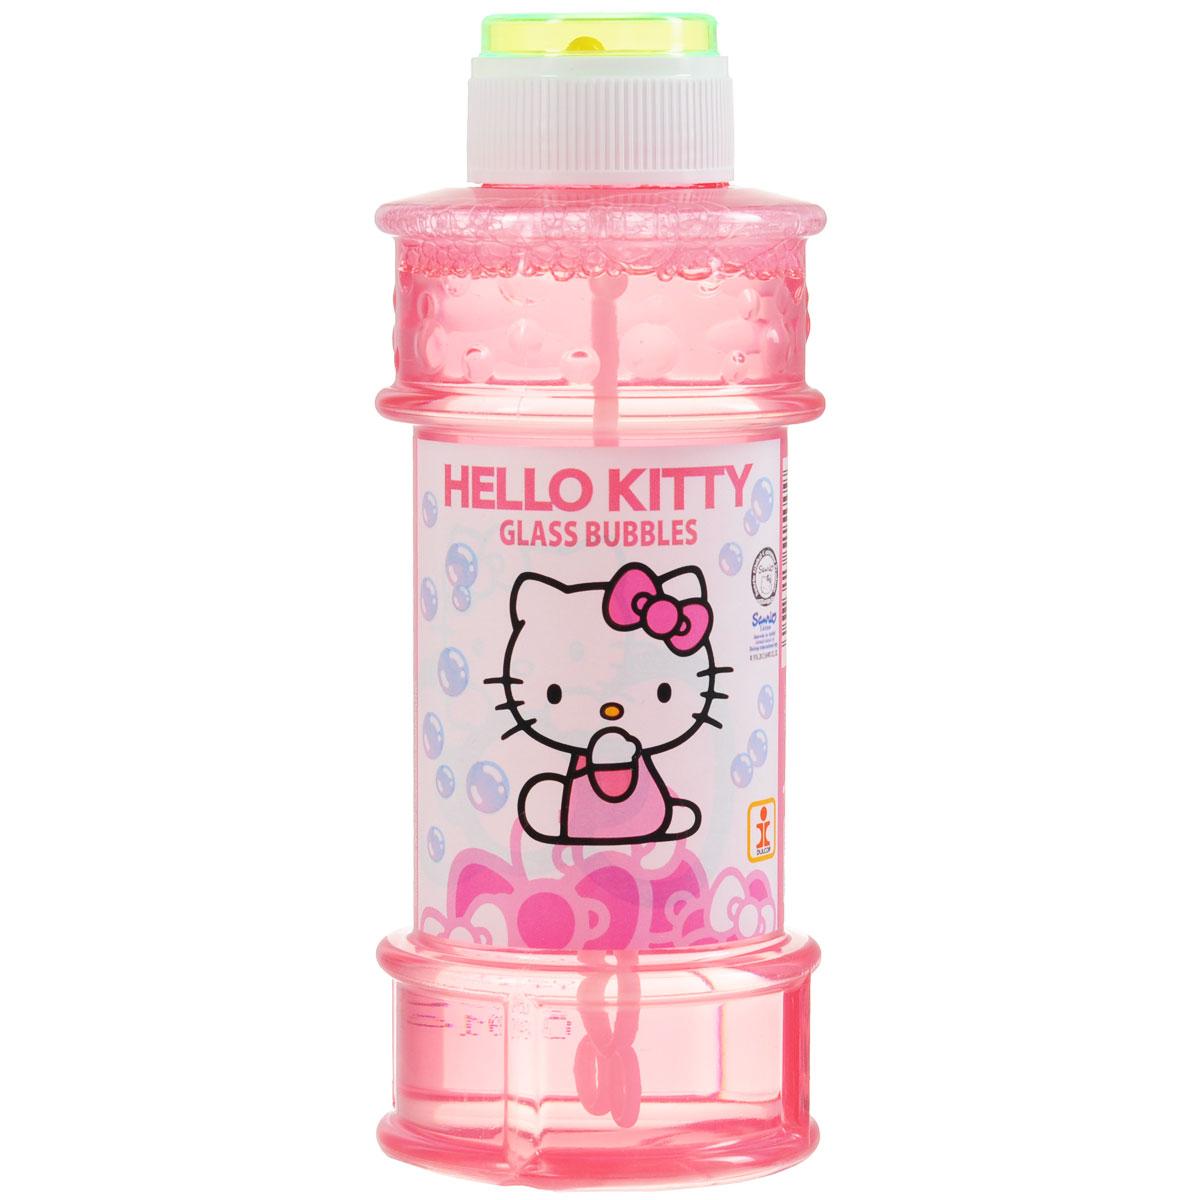 Hello Kitty Мыльные пузыри, 300 мл -  Мыльные пузыри